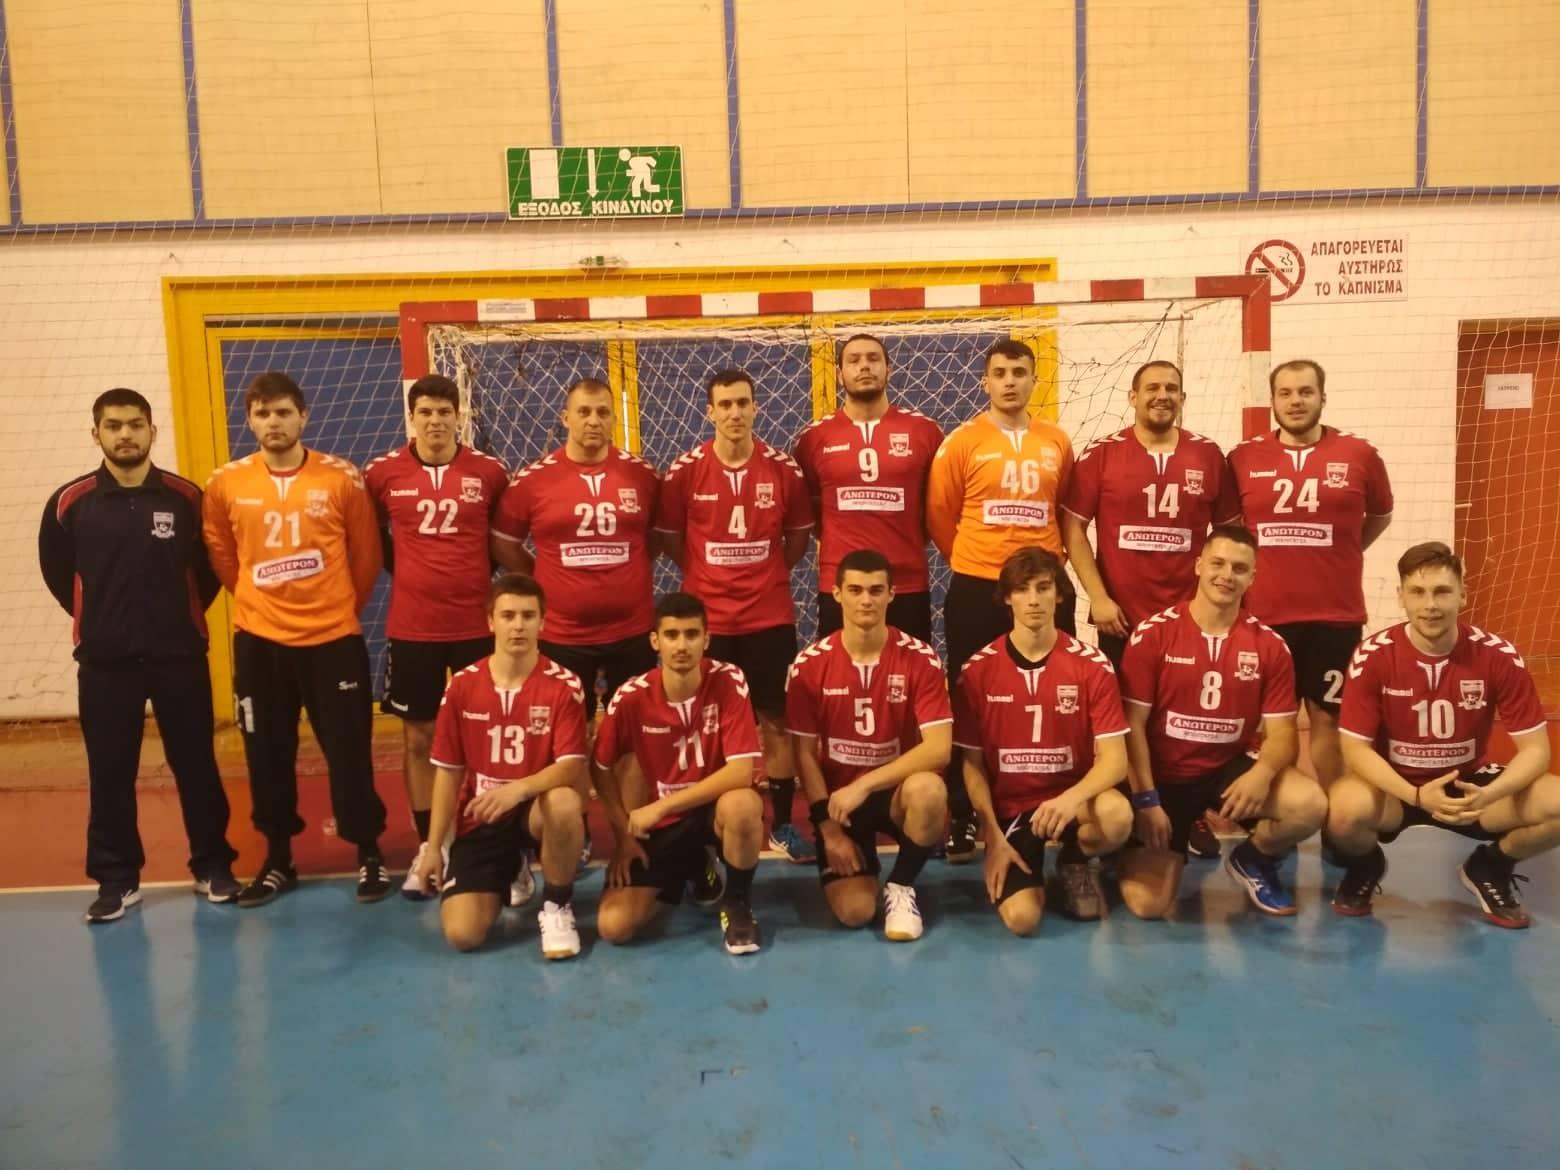 Αυλαία στο πρωτάθλημα Β' εθνικής χάντμπολ για Κένταυρο Αγριάς